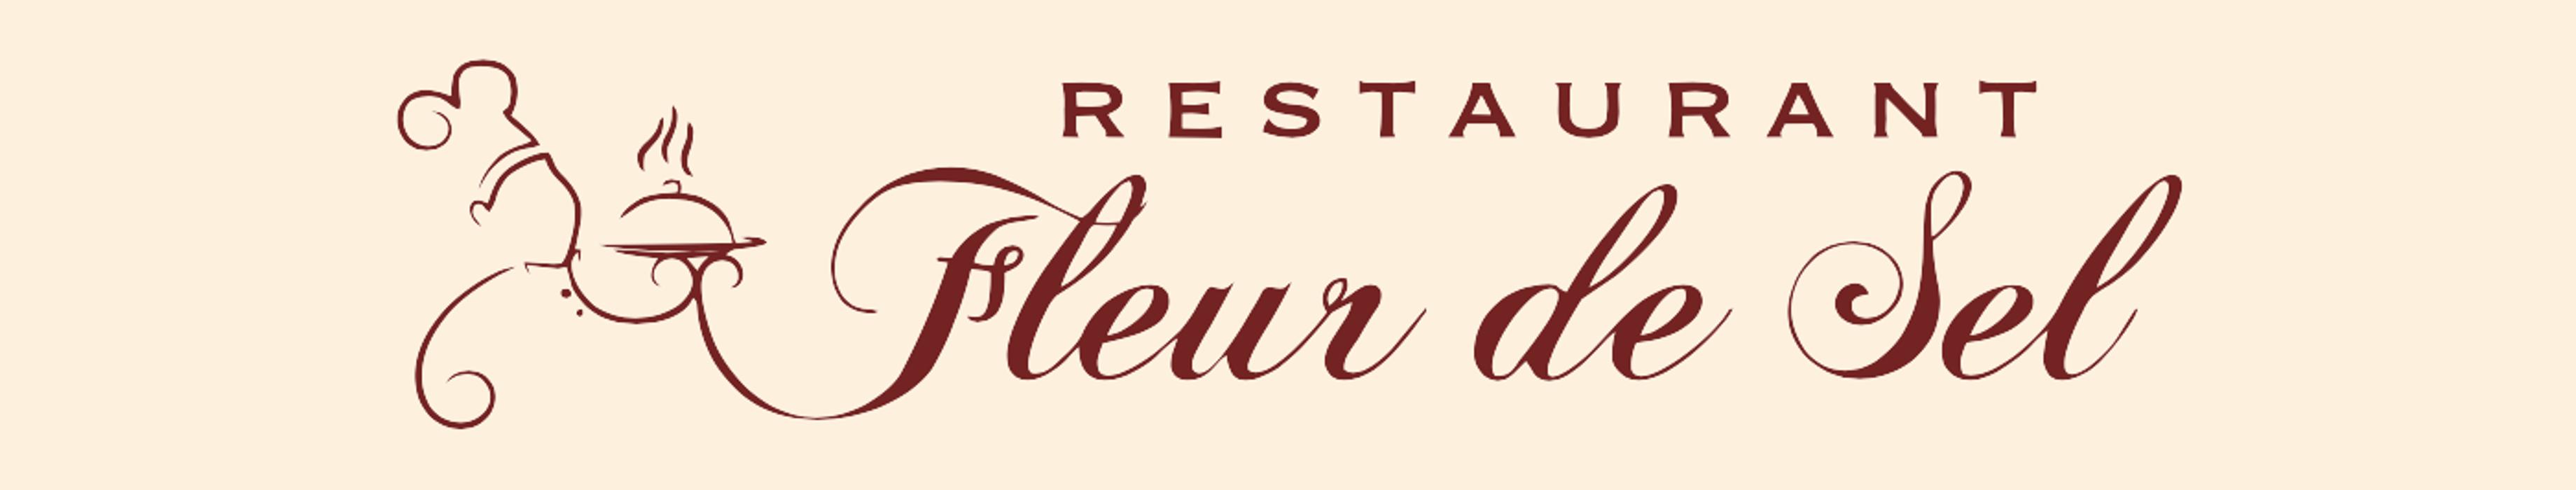 Bild zu Restaurant Fleur de Sel - französisches + deutsches Spezialitätenrestaurant in Maintal